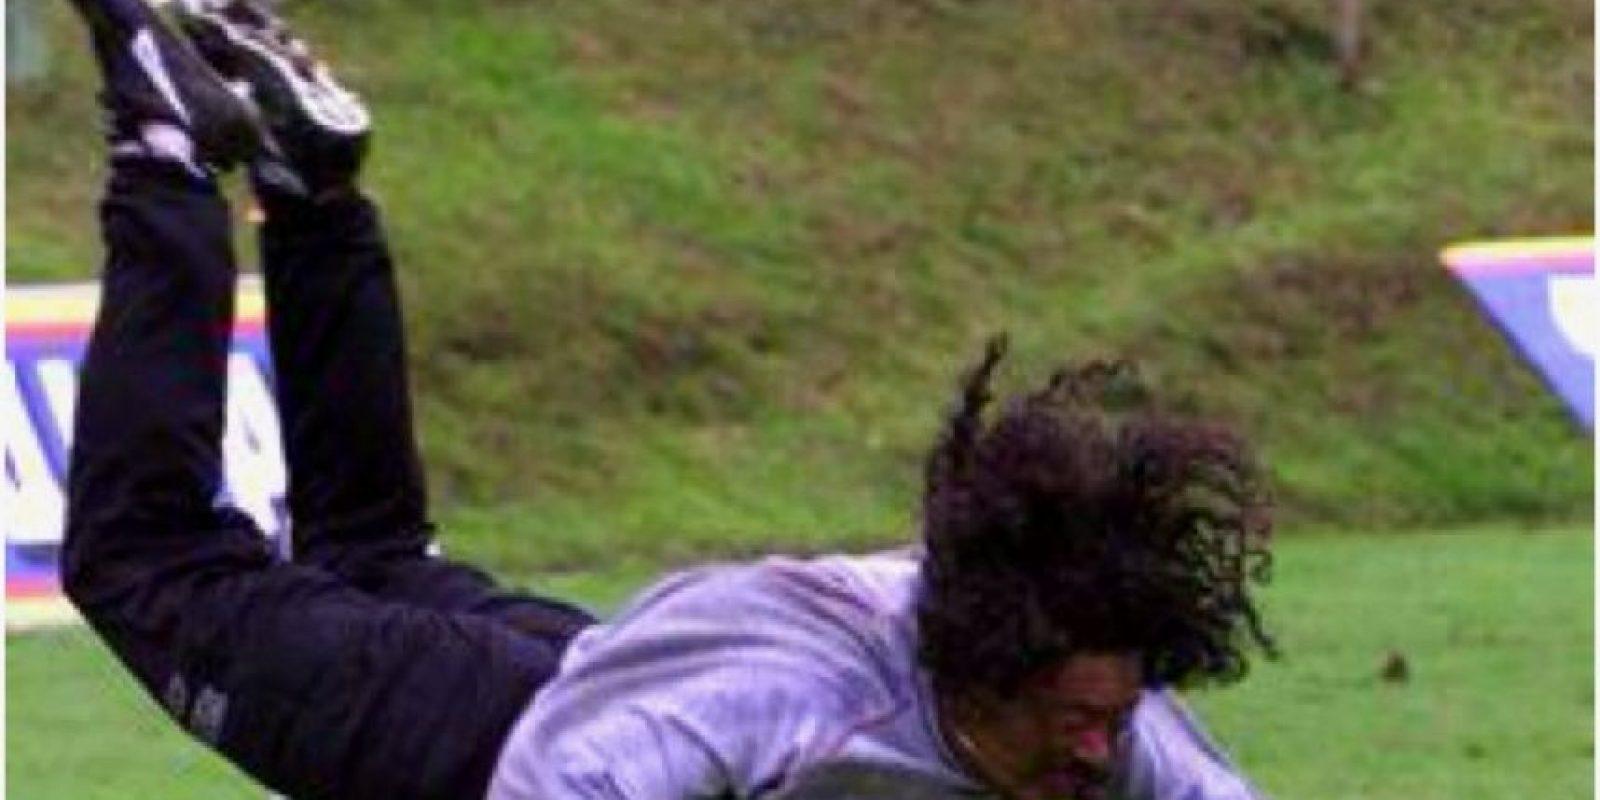 El arquero colombiano sorprendió al mundo en 1995. Fue durante un amistoso entre entre Colombia e Inglaterra en Wembley que Higuita presentó al mundo la jugada que lo hizo famoso y que ha sido intentada por miles de niños y jóvenes desde aquél entonces. Foto:pinterest.com